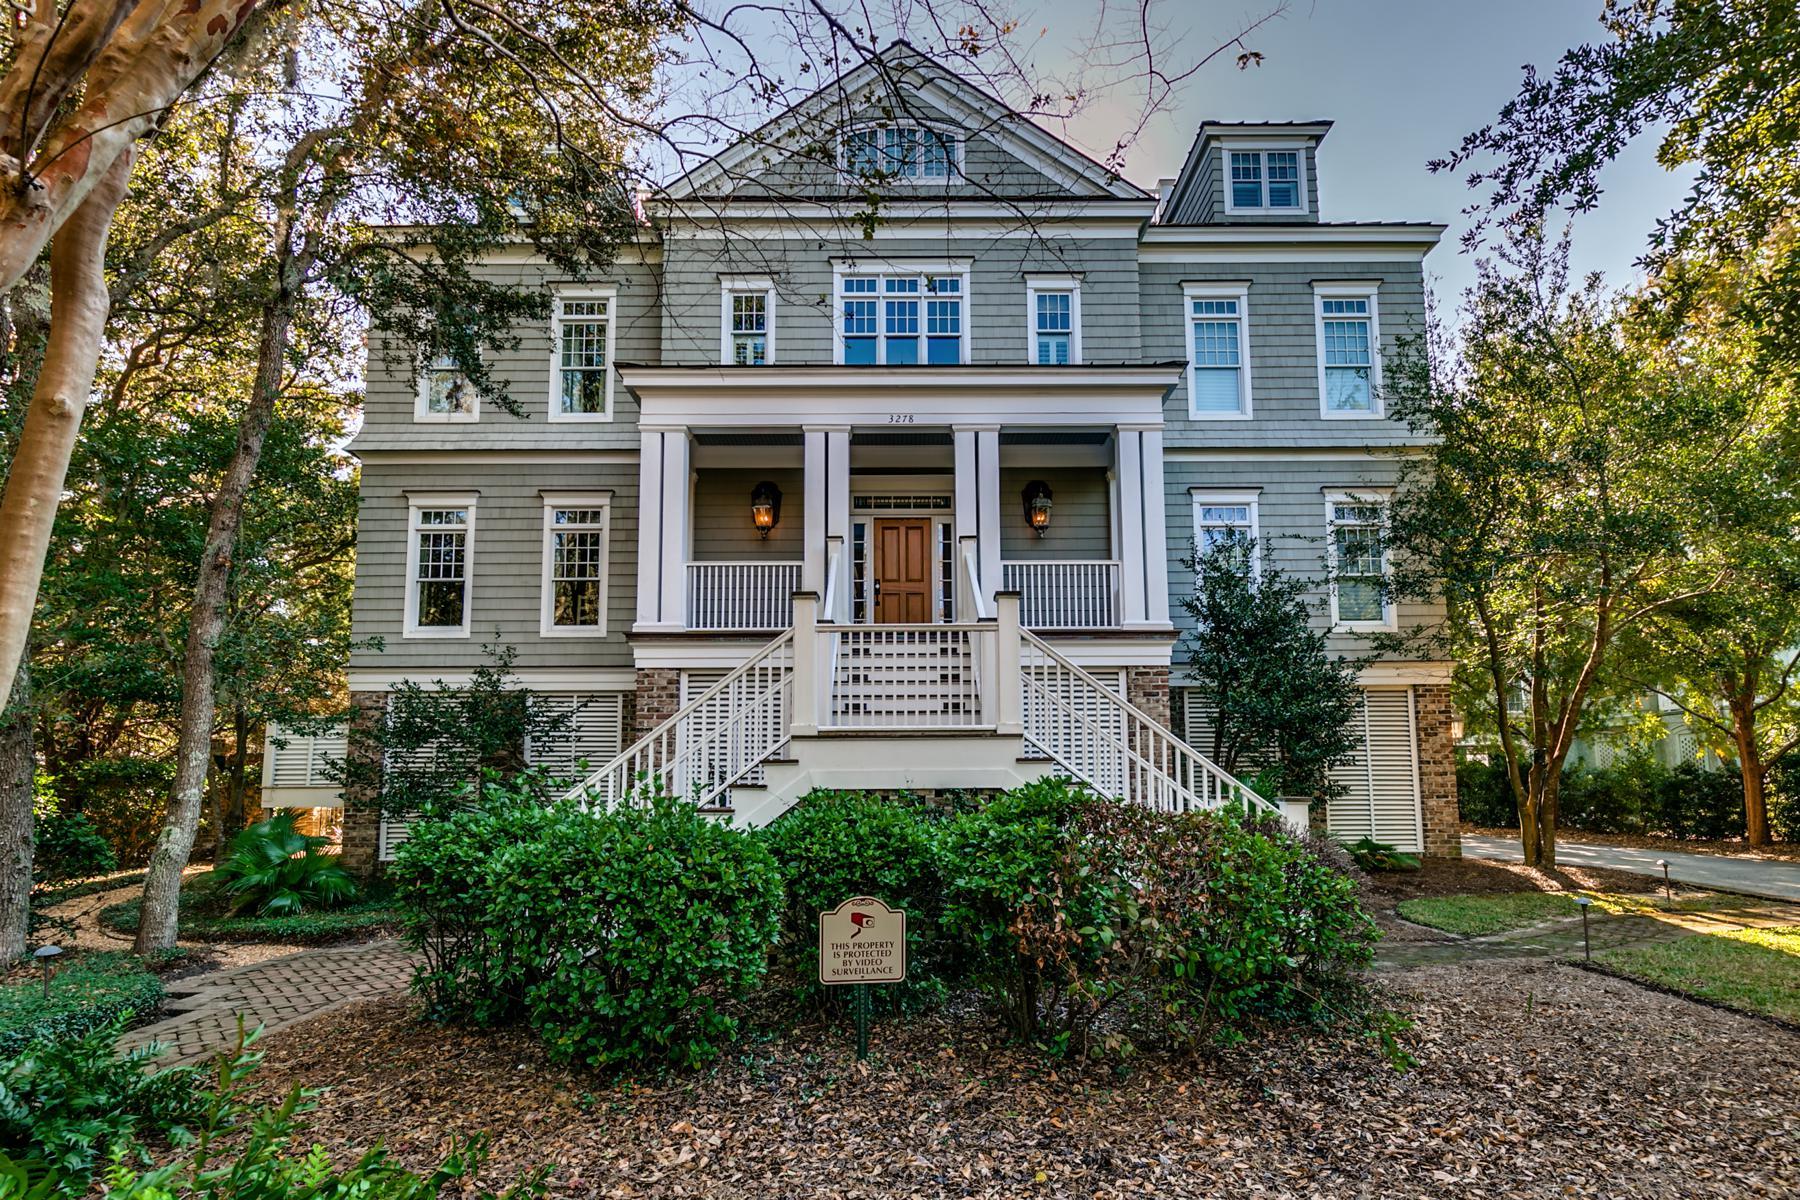 一戸建て のために 売買 アット 3278 Luvan Boulevard Georgetown, サウスカロライナ, 29440 アメリカ合衆国